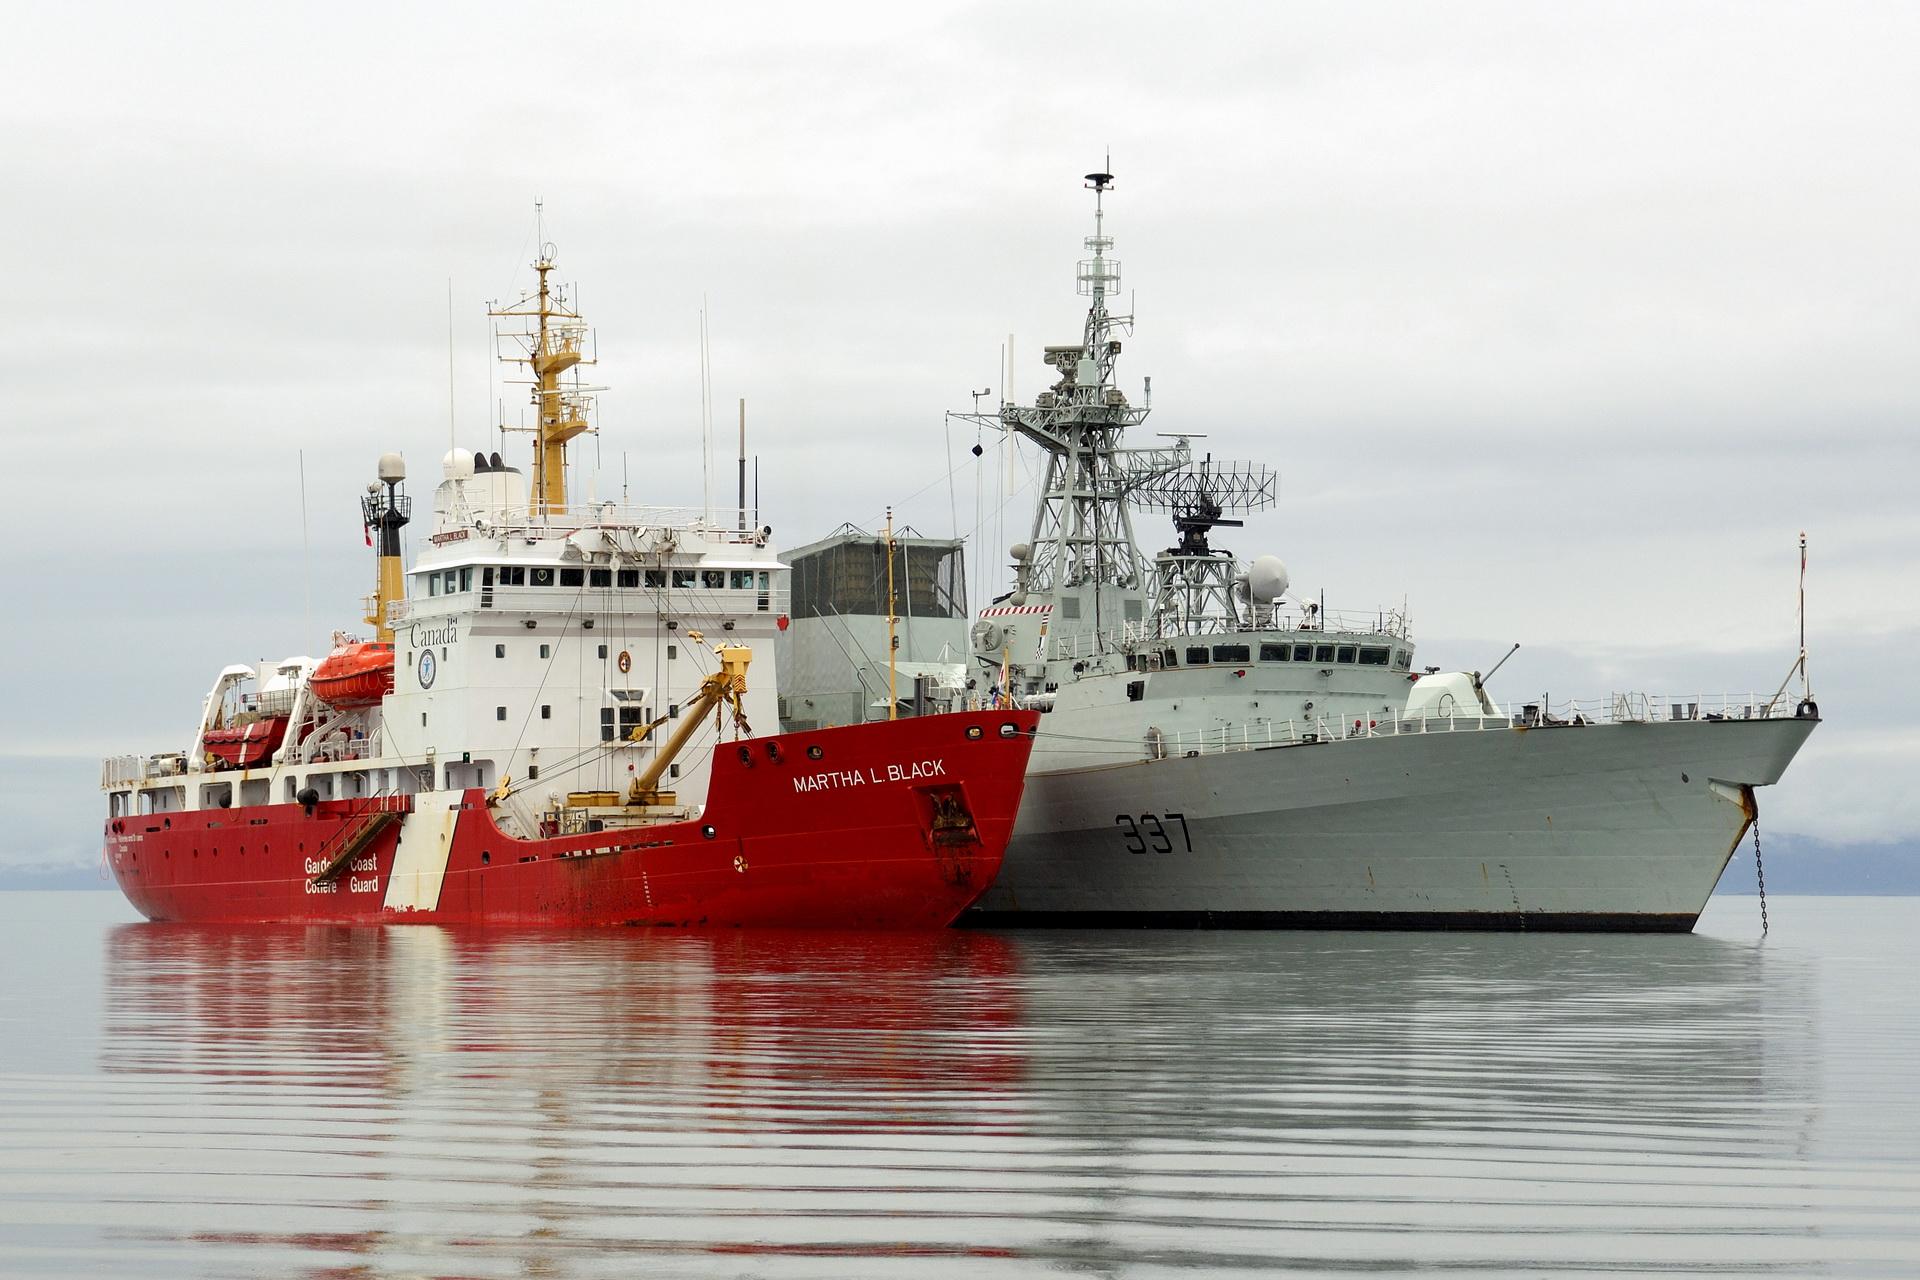 ships ship boat military navy coast guard wallpaper